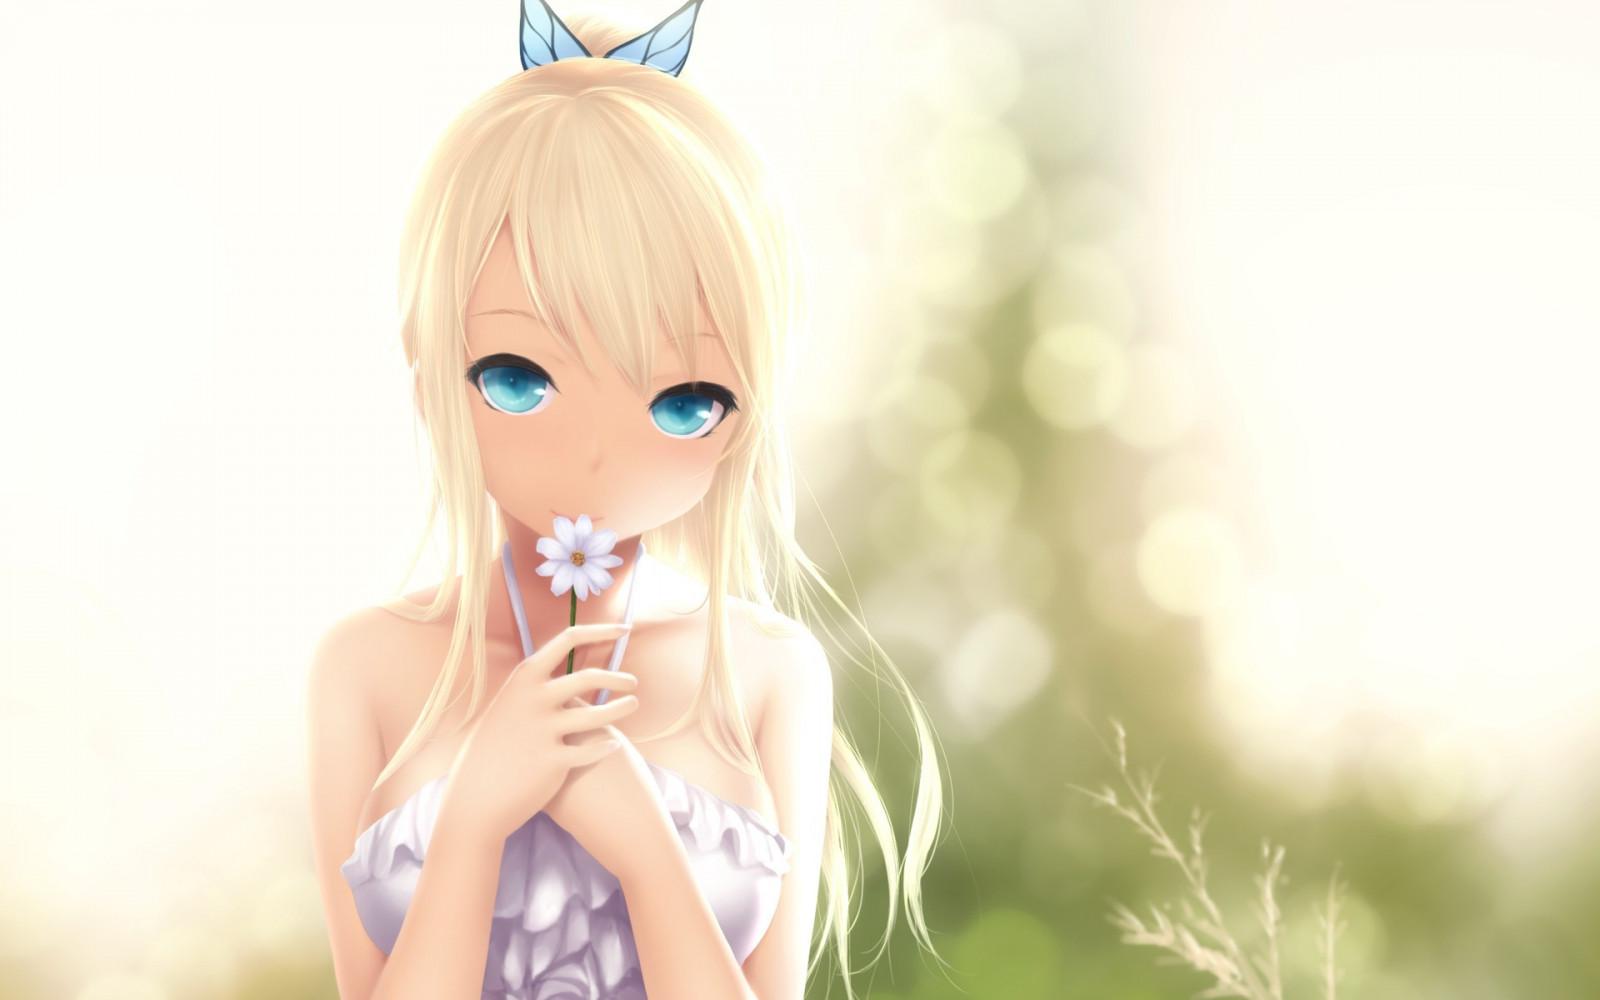 Fond Décran Blond Fleurs Cheveux Longs Filles Anime Yeux